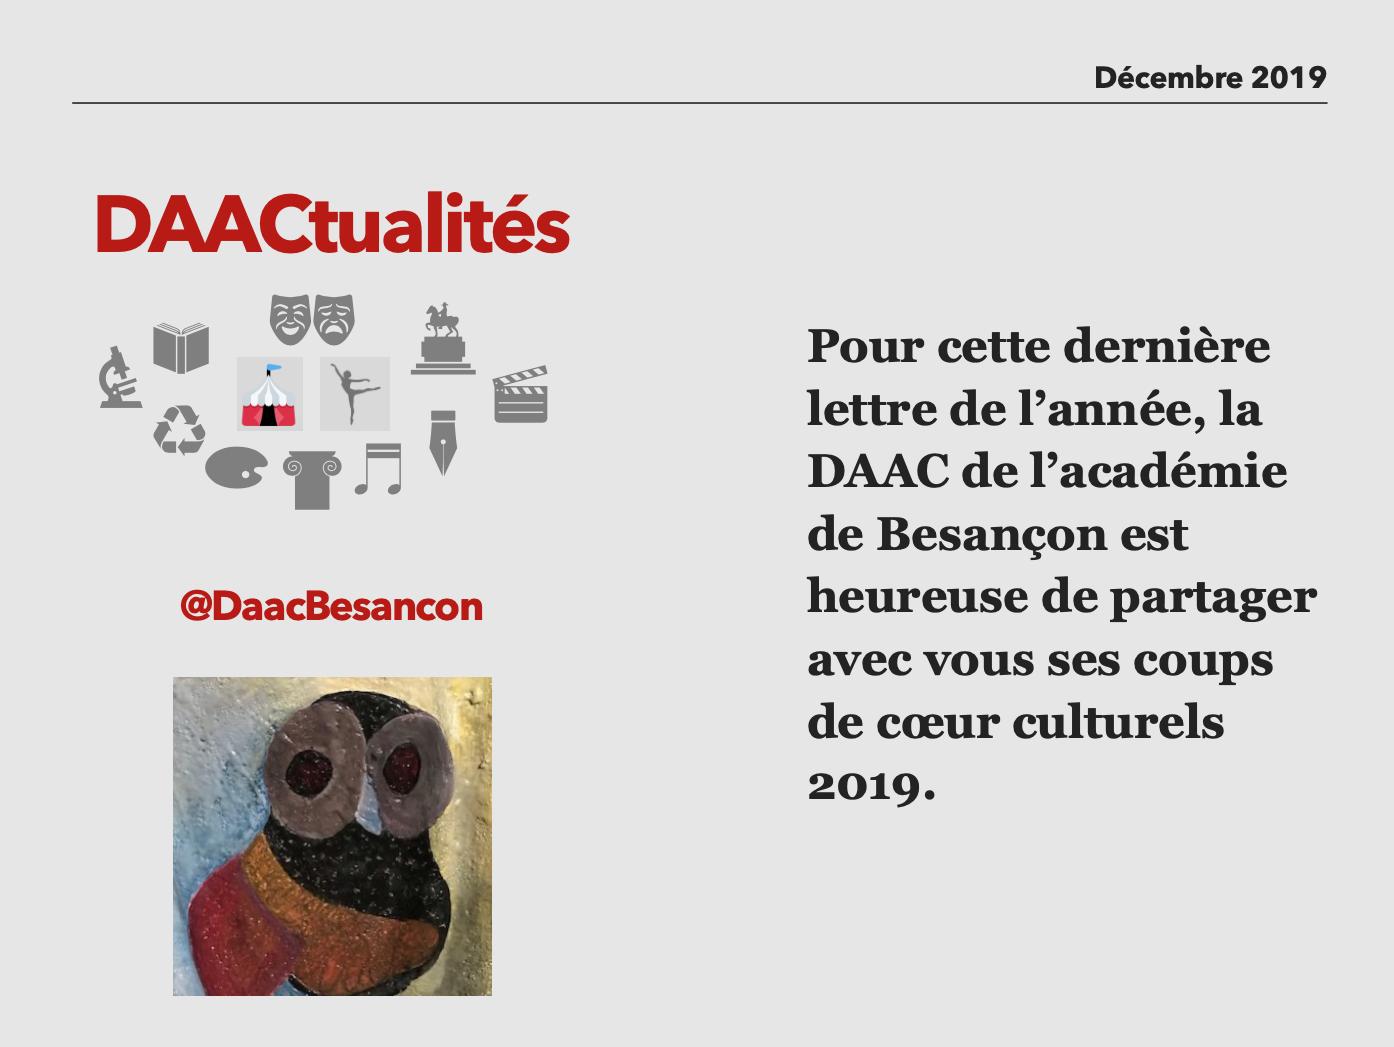 DAACtualités – Découvrez le numéro de décembre